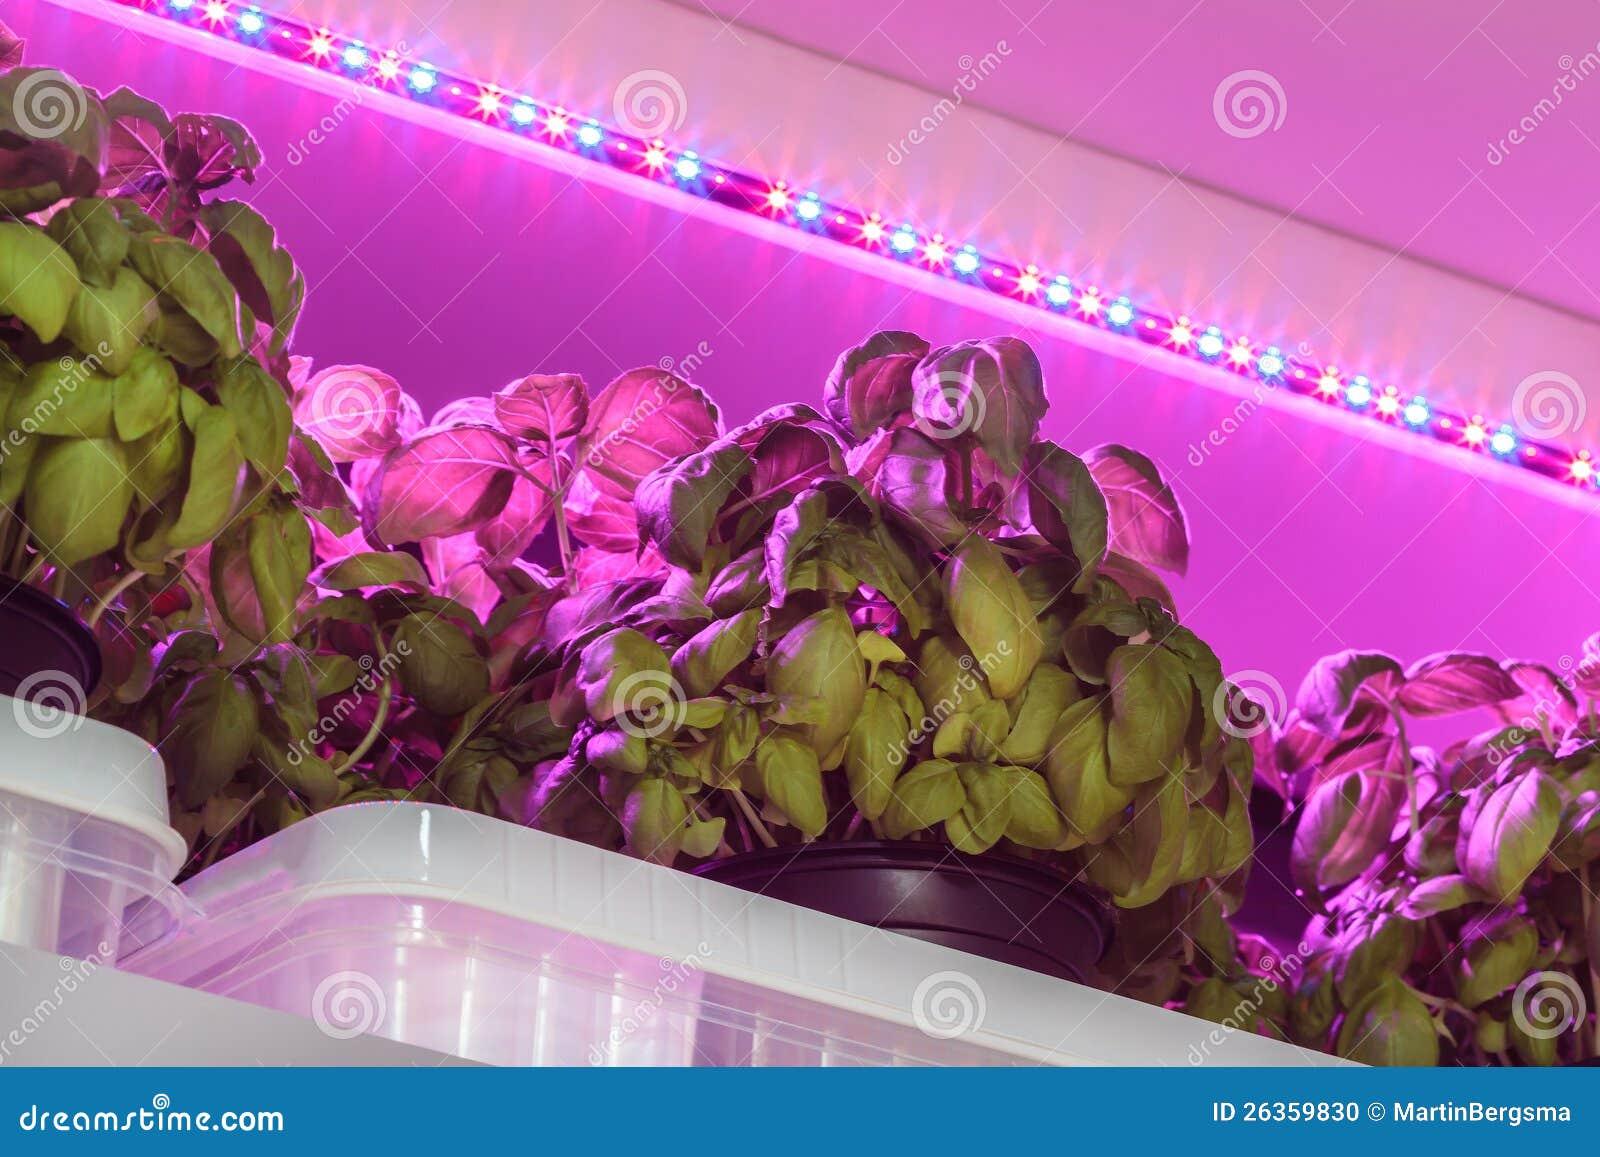 被用于的LED照明设备生长在大商店里面的蓬蒿